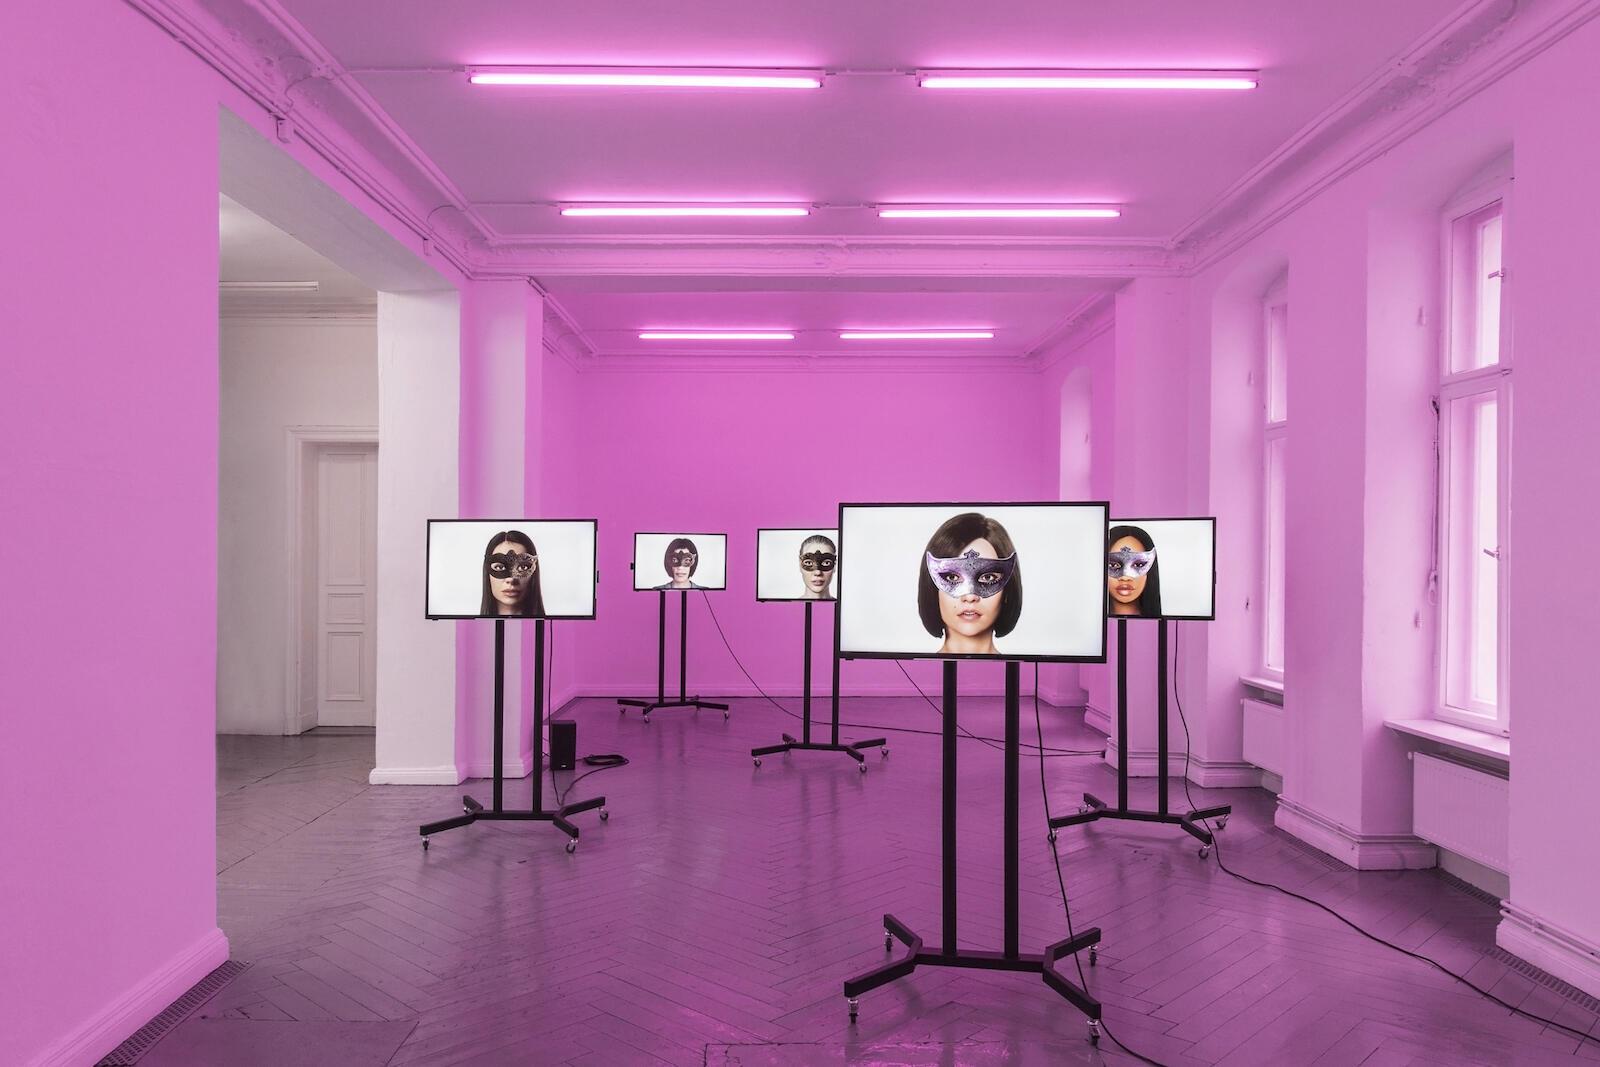 Meddiengruppe Bitnik, Ashley Madison Angels At Work in Paris-Pantin, 2019 Instalação vídeo, som, 8:08 min.